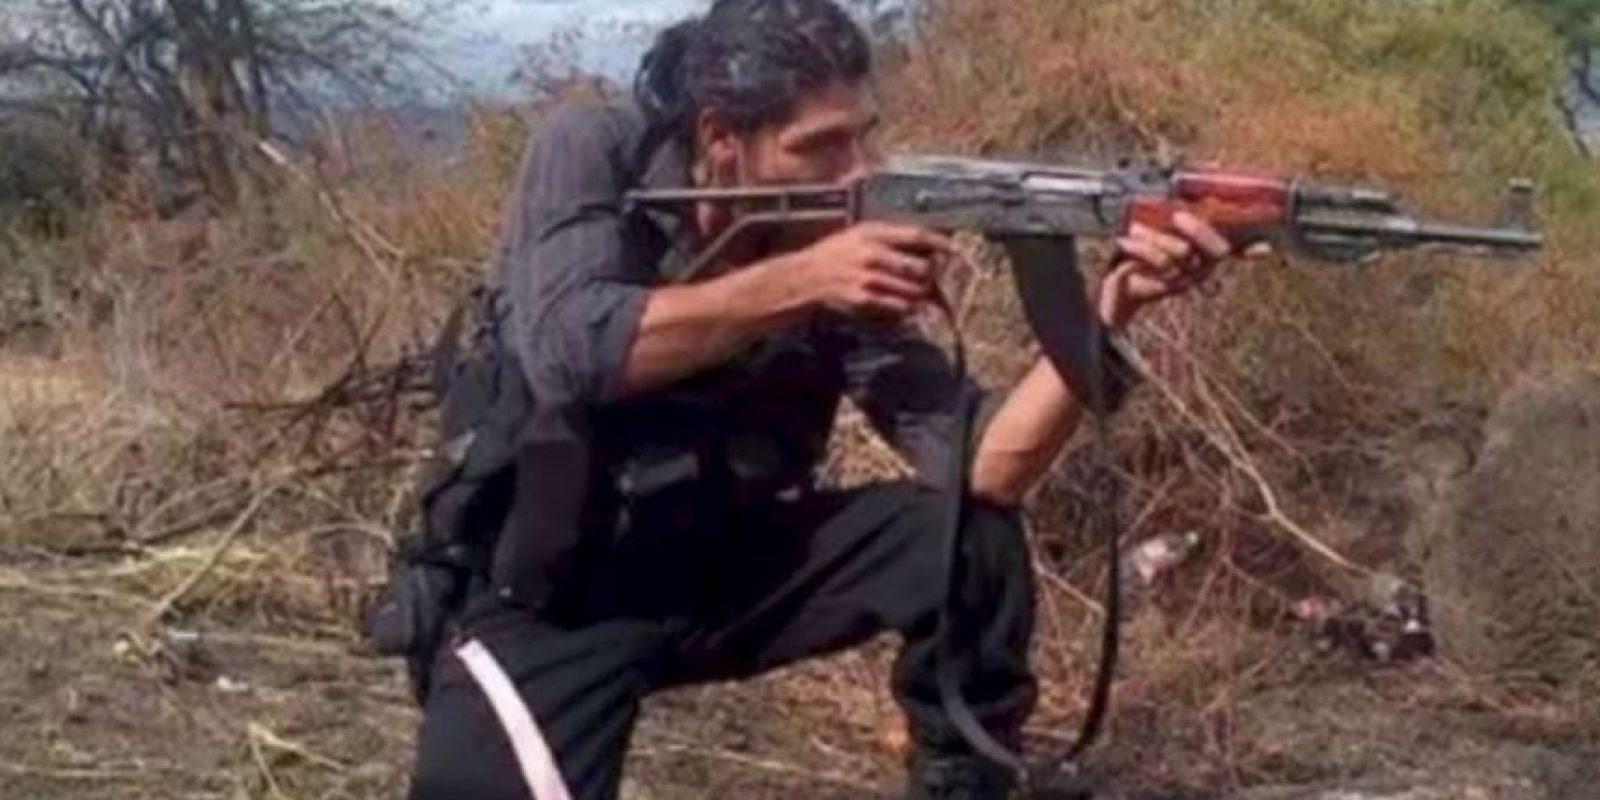 """Broly Banderas"""" es el sicario más poderoso del cartel """"Los Caballeros Templarios"""" de Michoacán. Foto:Vía Facebook/Broly Banderas- Organización ×"""